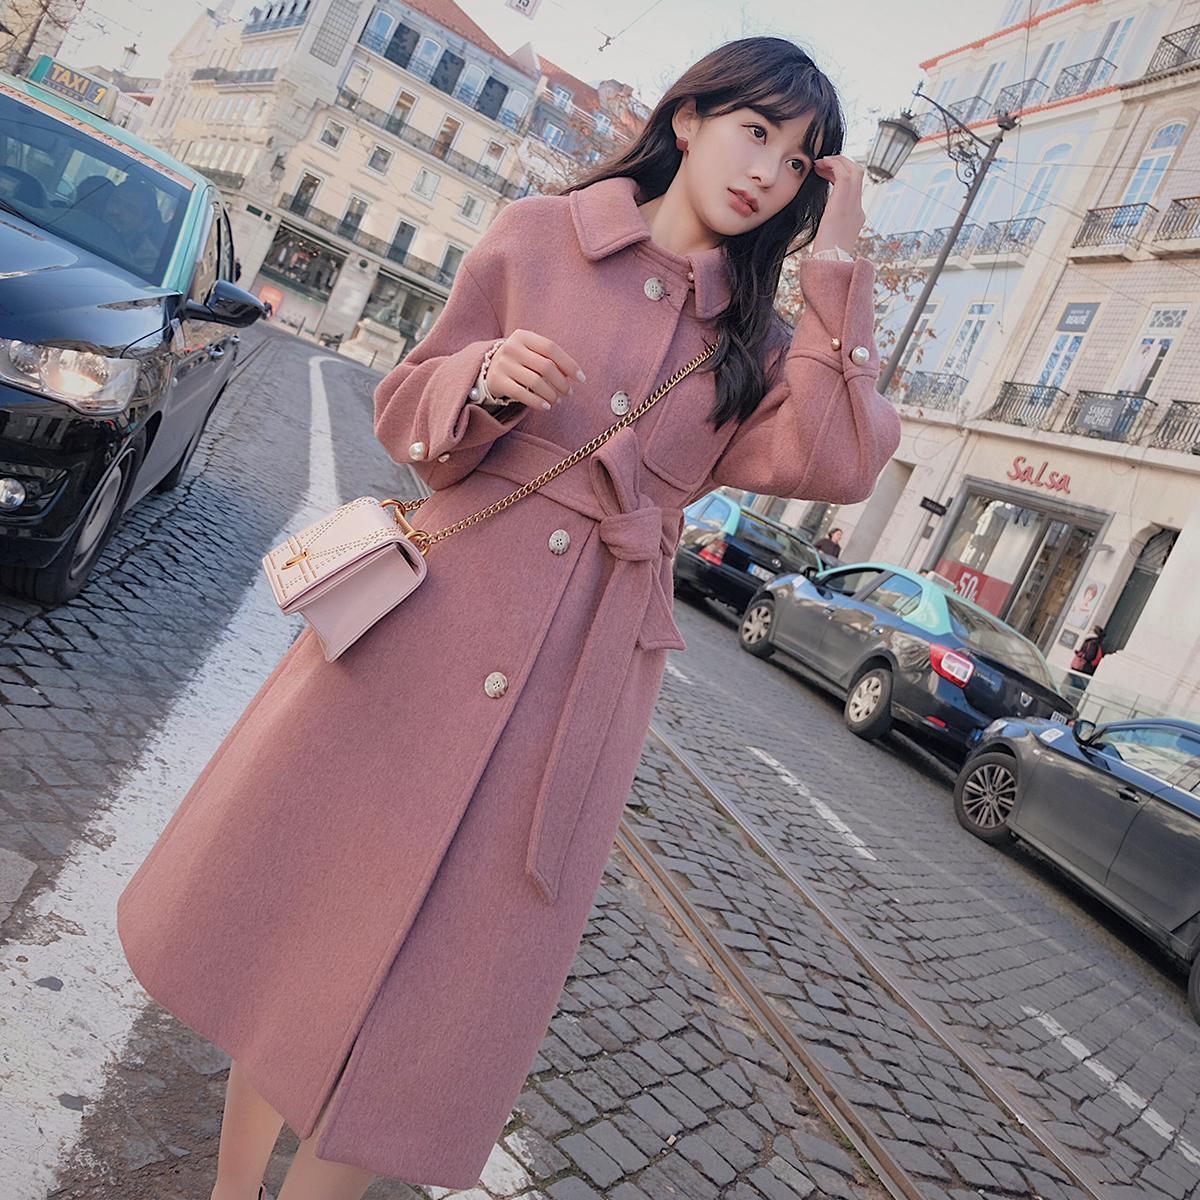 Chanel ca cao eo áo len sang trọng mùa đông phần dài Hàn Quốc phiên bản 2018 mới dày áo len nữ Accentuated eo áo